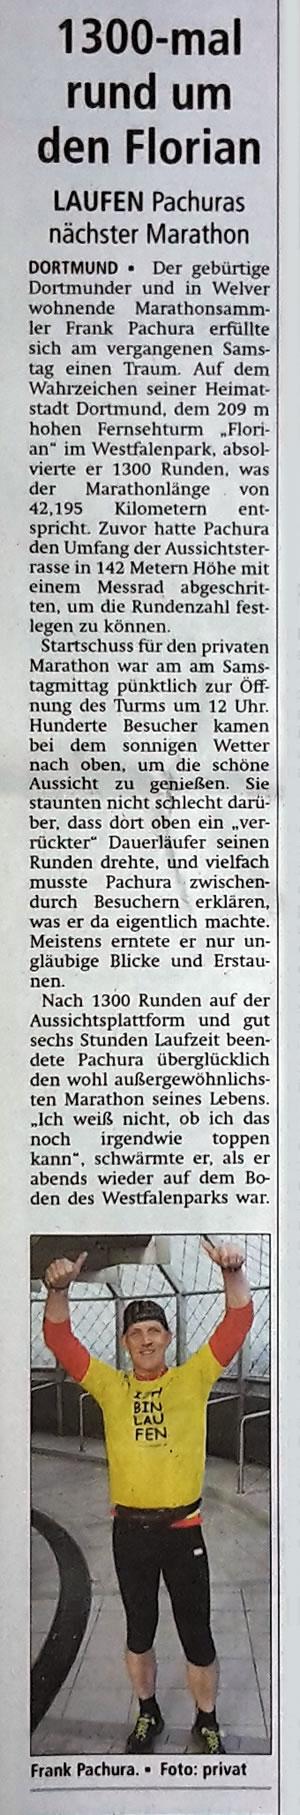 Soester Anzeiger vom 6. April 2016